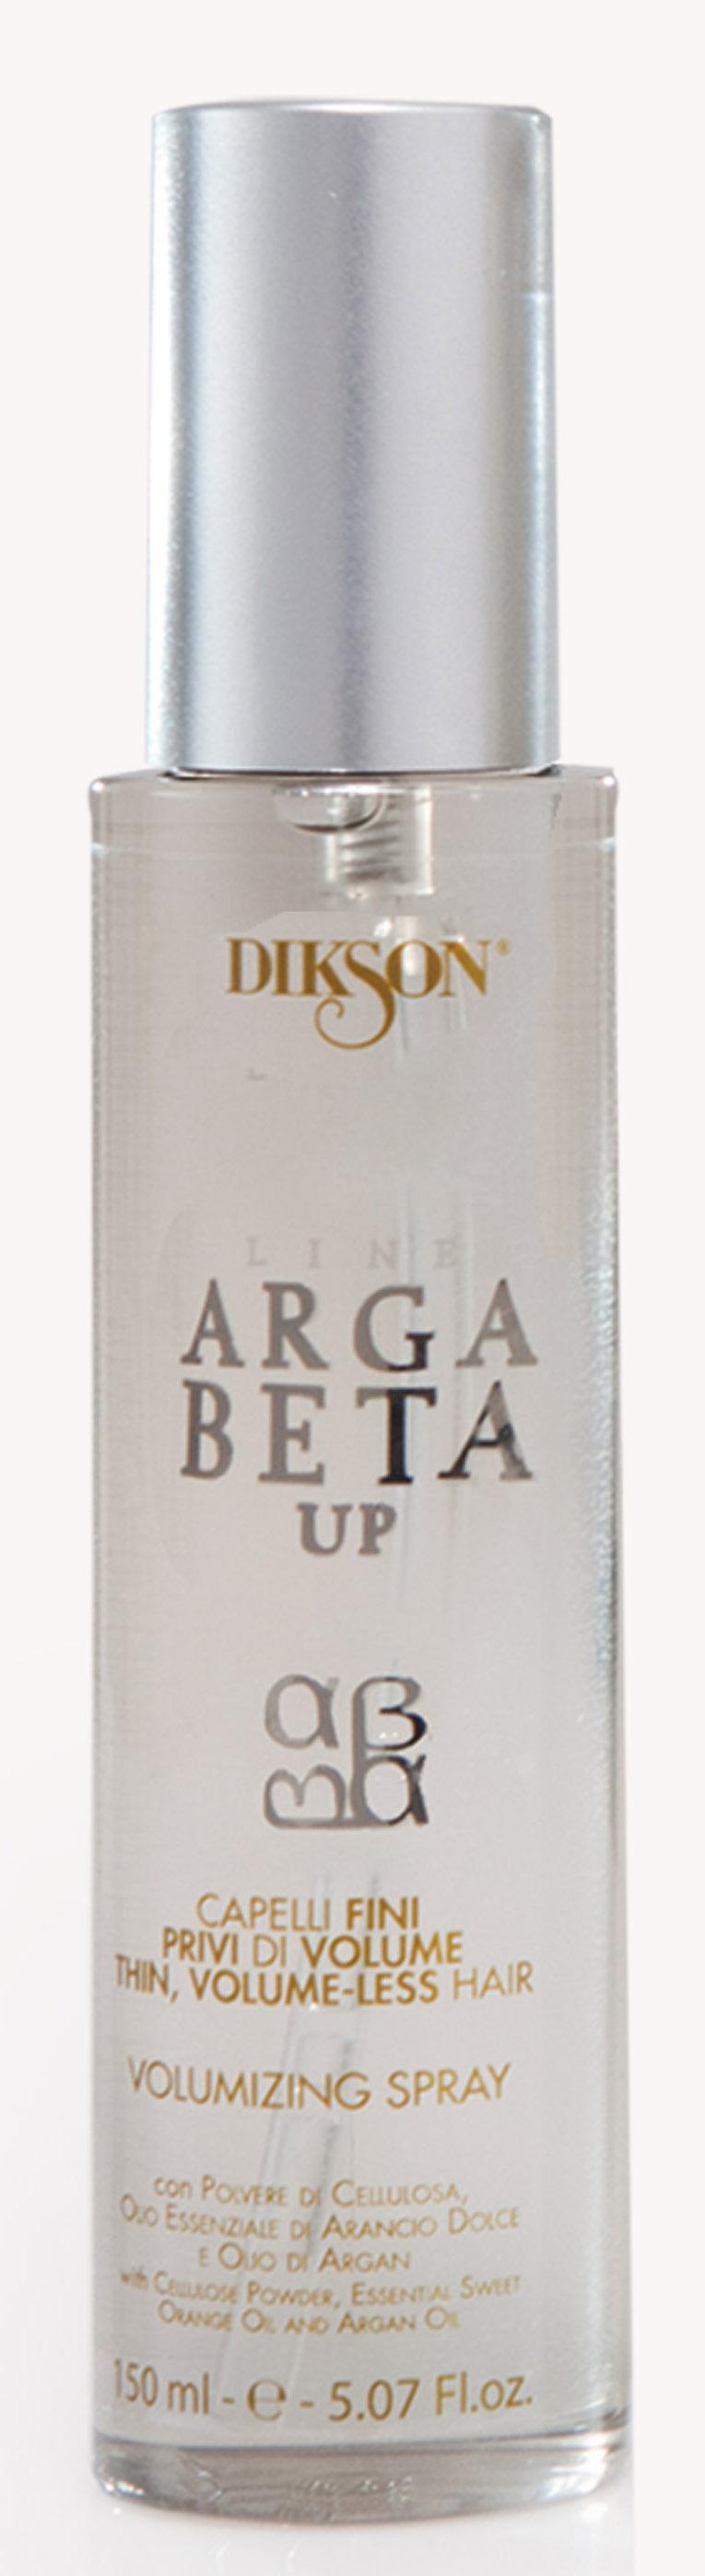 DIKSON Спрей для объема для тонких волос / ARGABETA UP Capelli Di Volume 150млСпреи<br>Благодаря синергетическому взаимодействию целлюлозного порошка, эфирного масла сладкого Апельсина и Арганового масла придает дополнительный объем и улучшает текстуру тонких, редких и ослабленных волос. Система ультратонкого и однородного распыления спрея позволяет не утяжелять волосы, восстанавливая их структуру и объем, делая их пышными, красивыми и блестящими. Активные ингредиенты: целлюлозный порошок, эфирное масло сладкого апельсина и масло Арганы. Способ применения: перед сушкой равномерно распылить спрей на тонкие и лишенные объема волосы, в зависимости от длины (3 - 6 распылений).<br><br>Тип: порошок<br>Объем: 150 мл